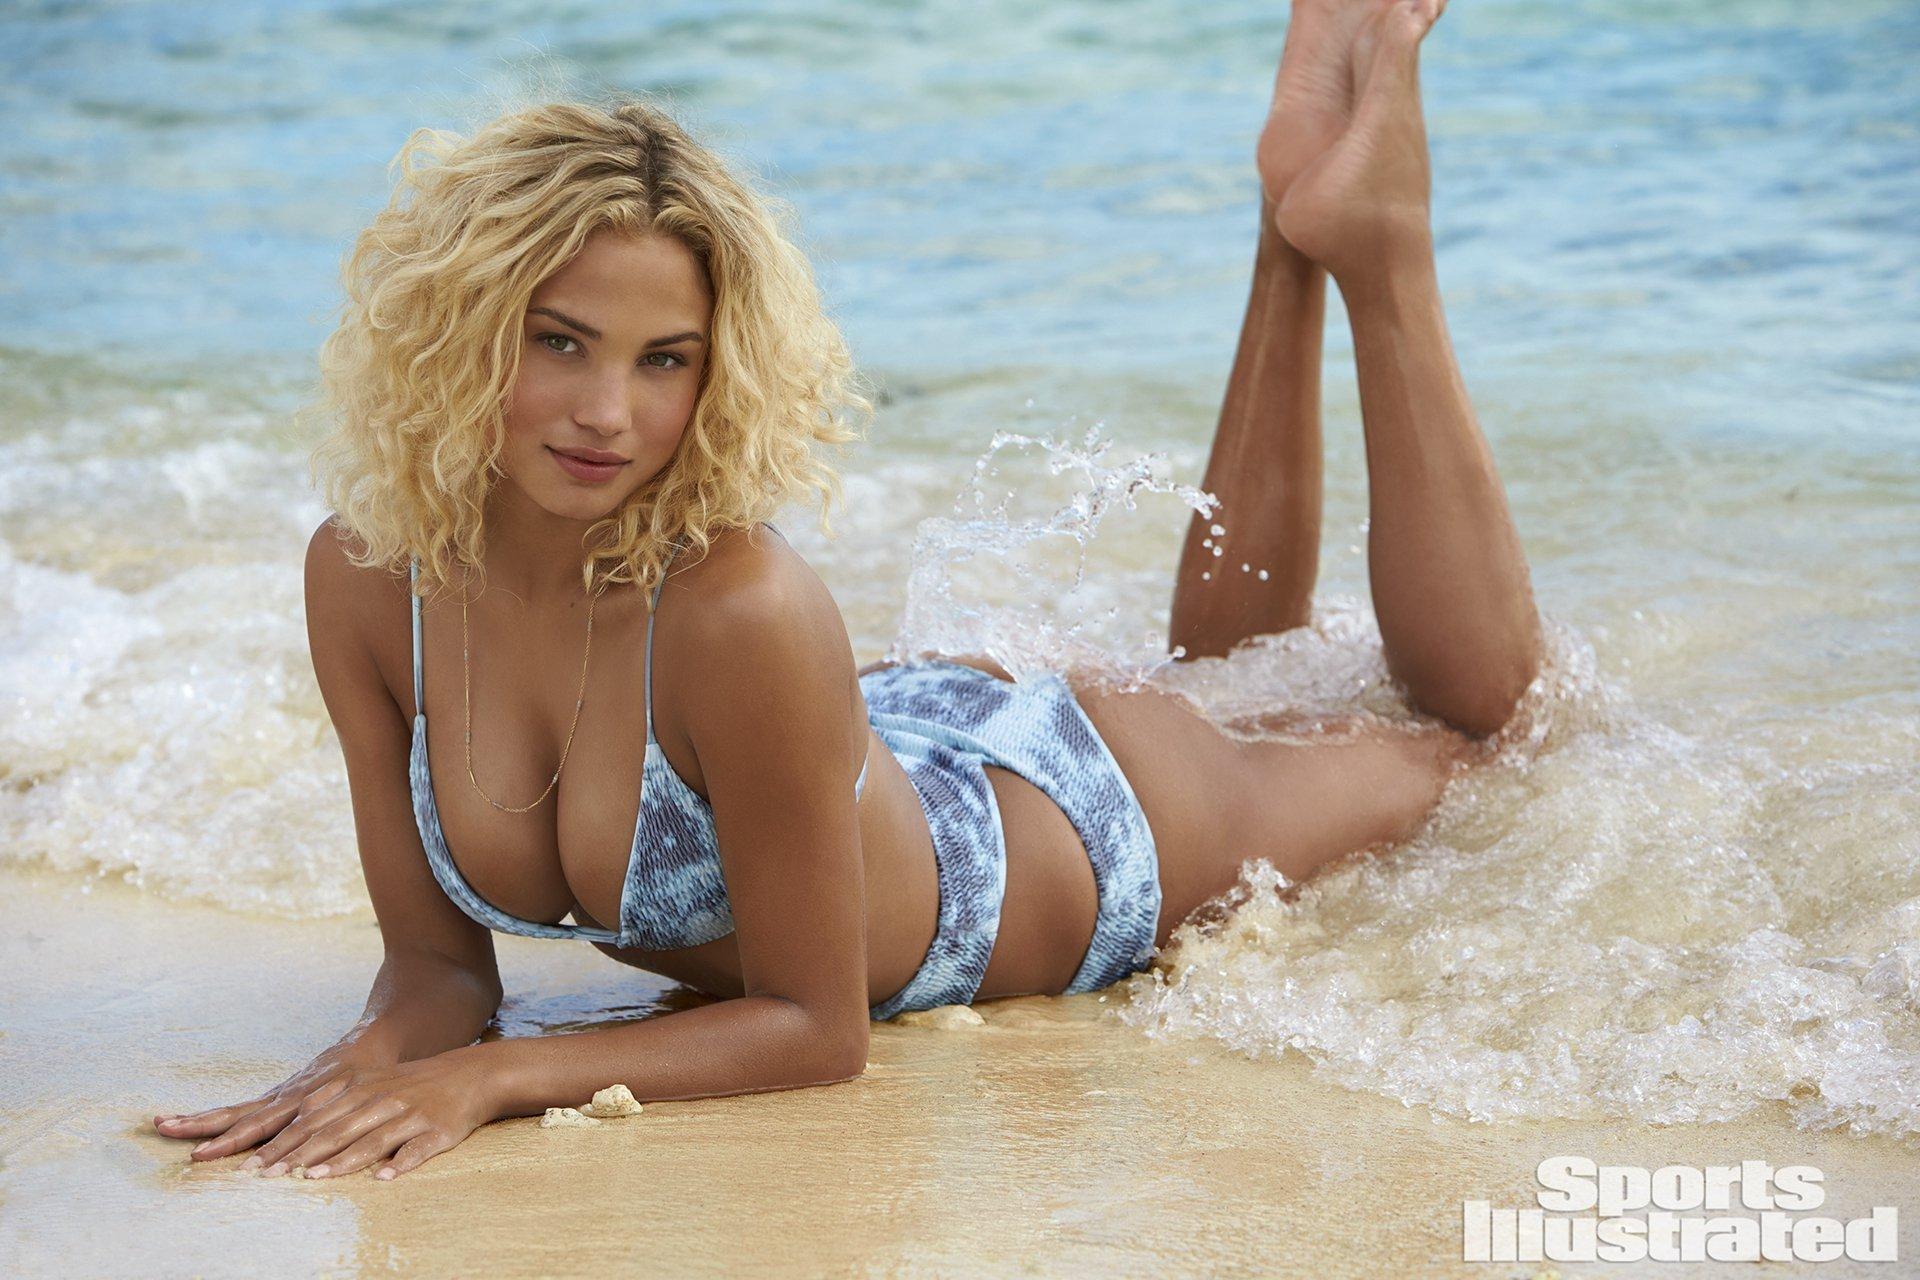 1994 doğumlu güzel model Rose Bertram Amerikan spor dergisi olan Sports Illustrated için sexy mayo ve bikinileriyle çok cesur pozlar verdi.